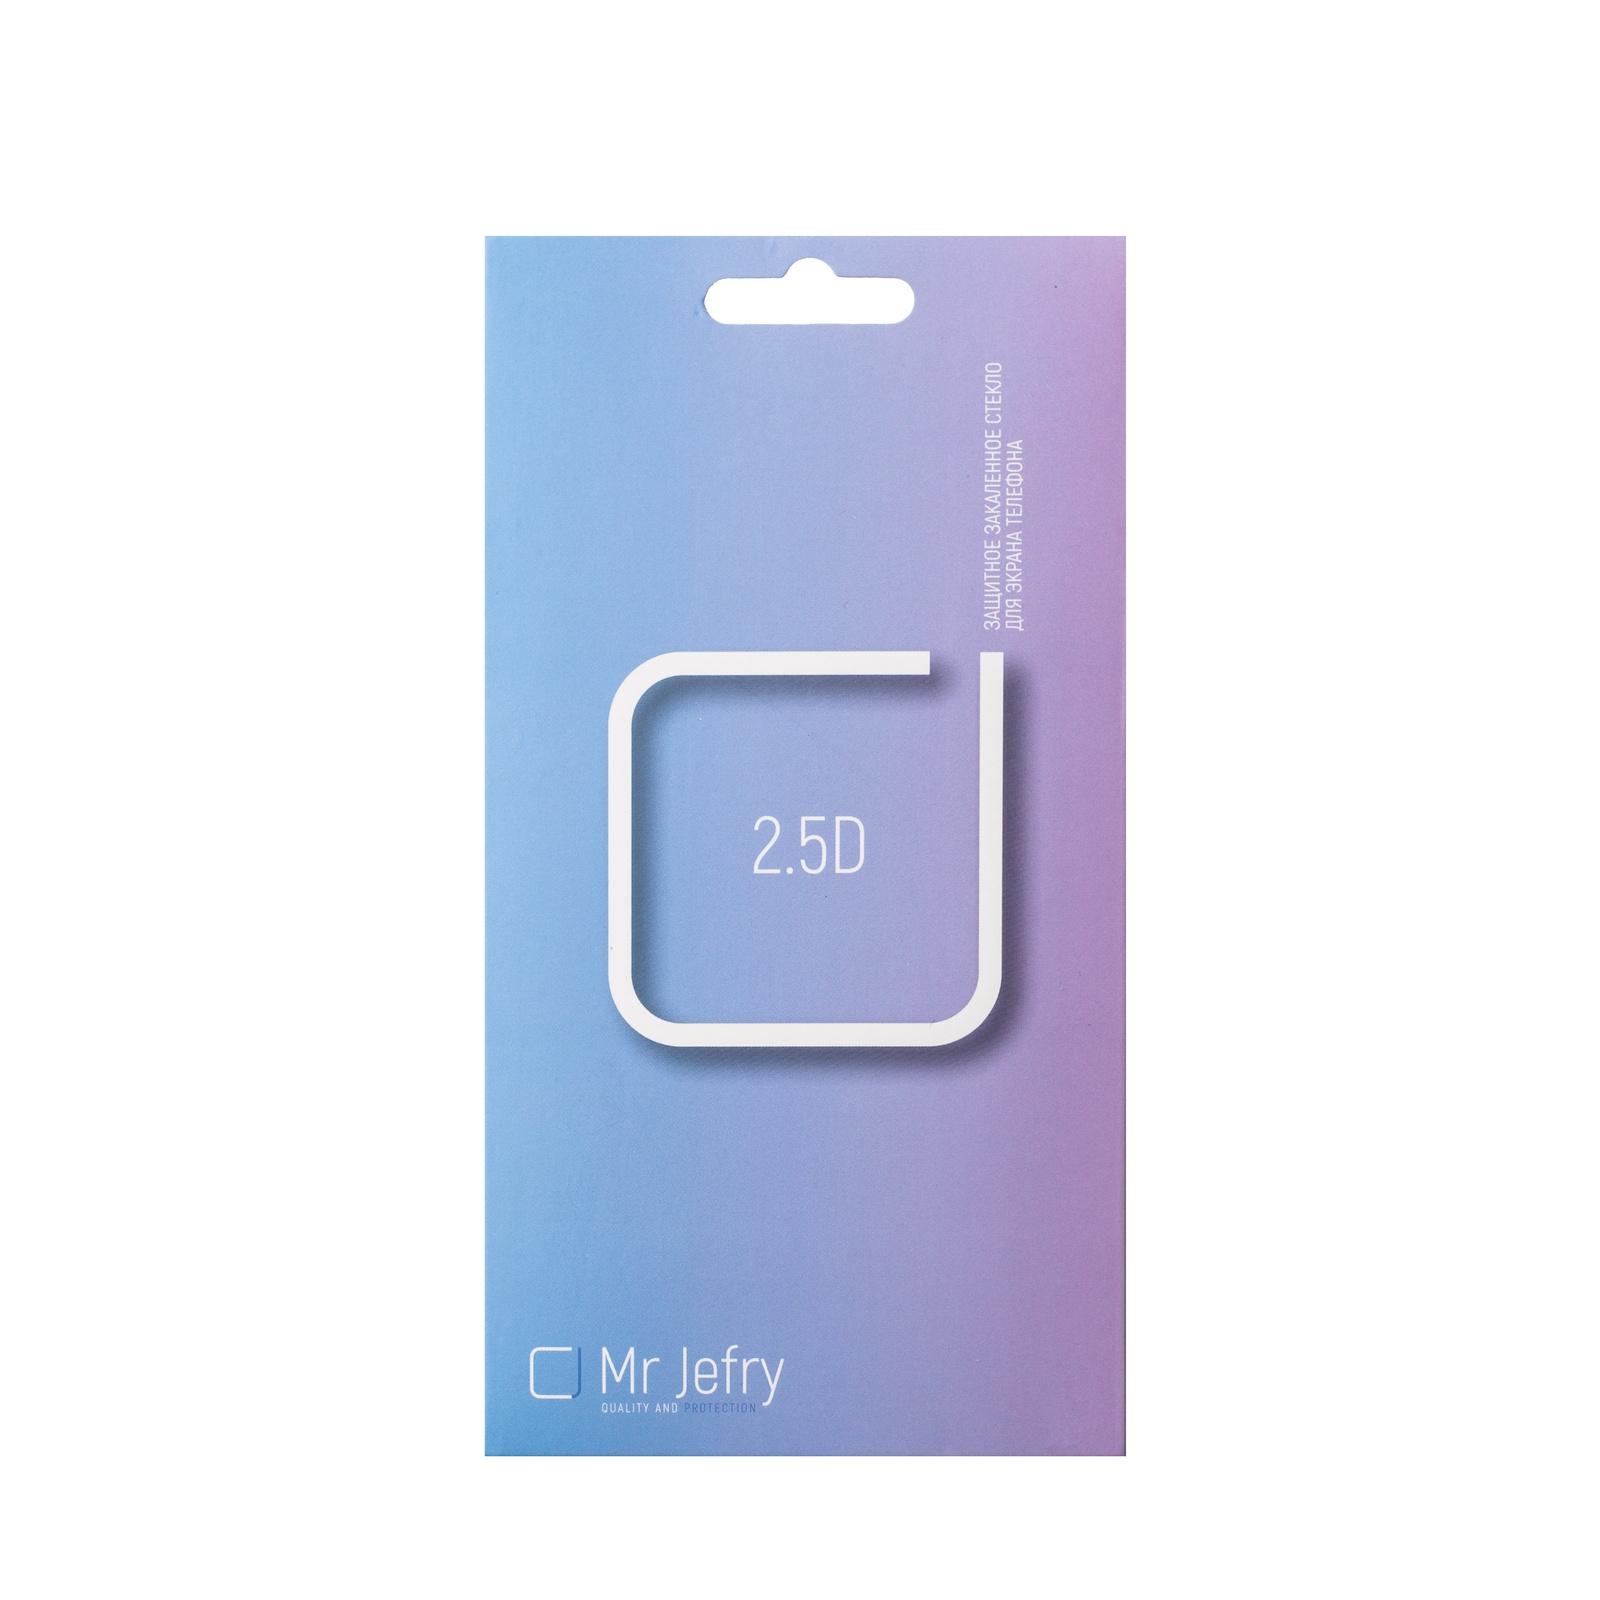 Mr Jefry стекло защитное (многослойное) 2,5D для Samsung A5